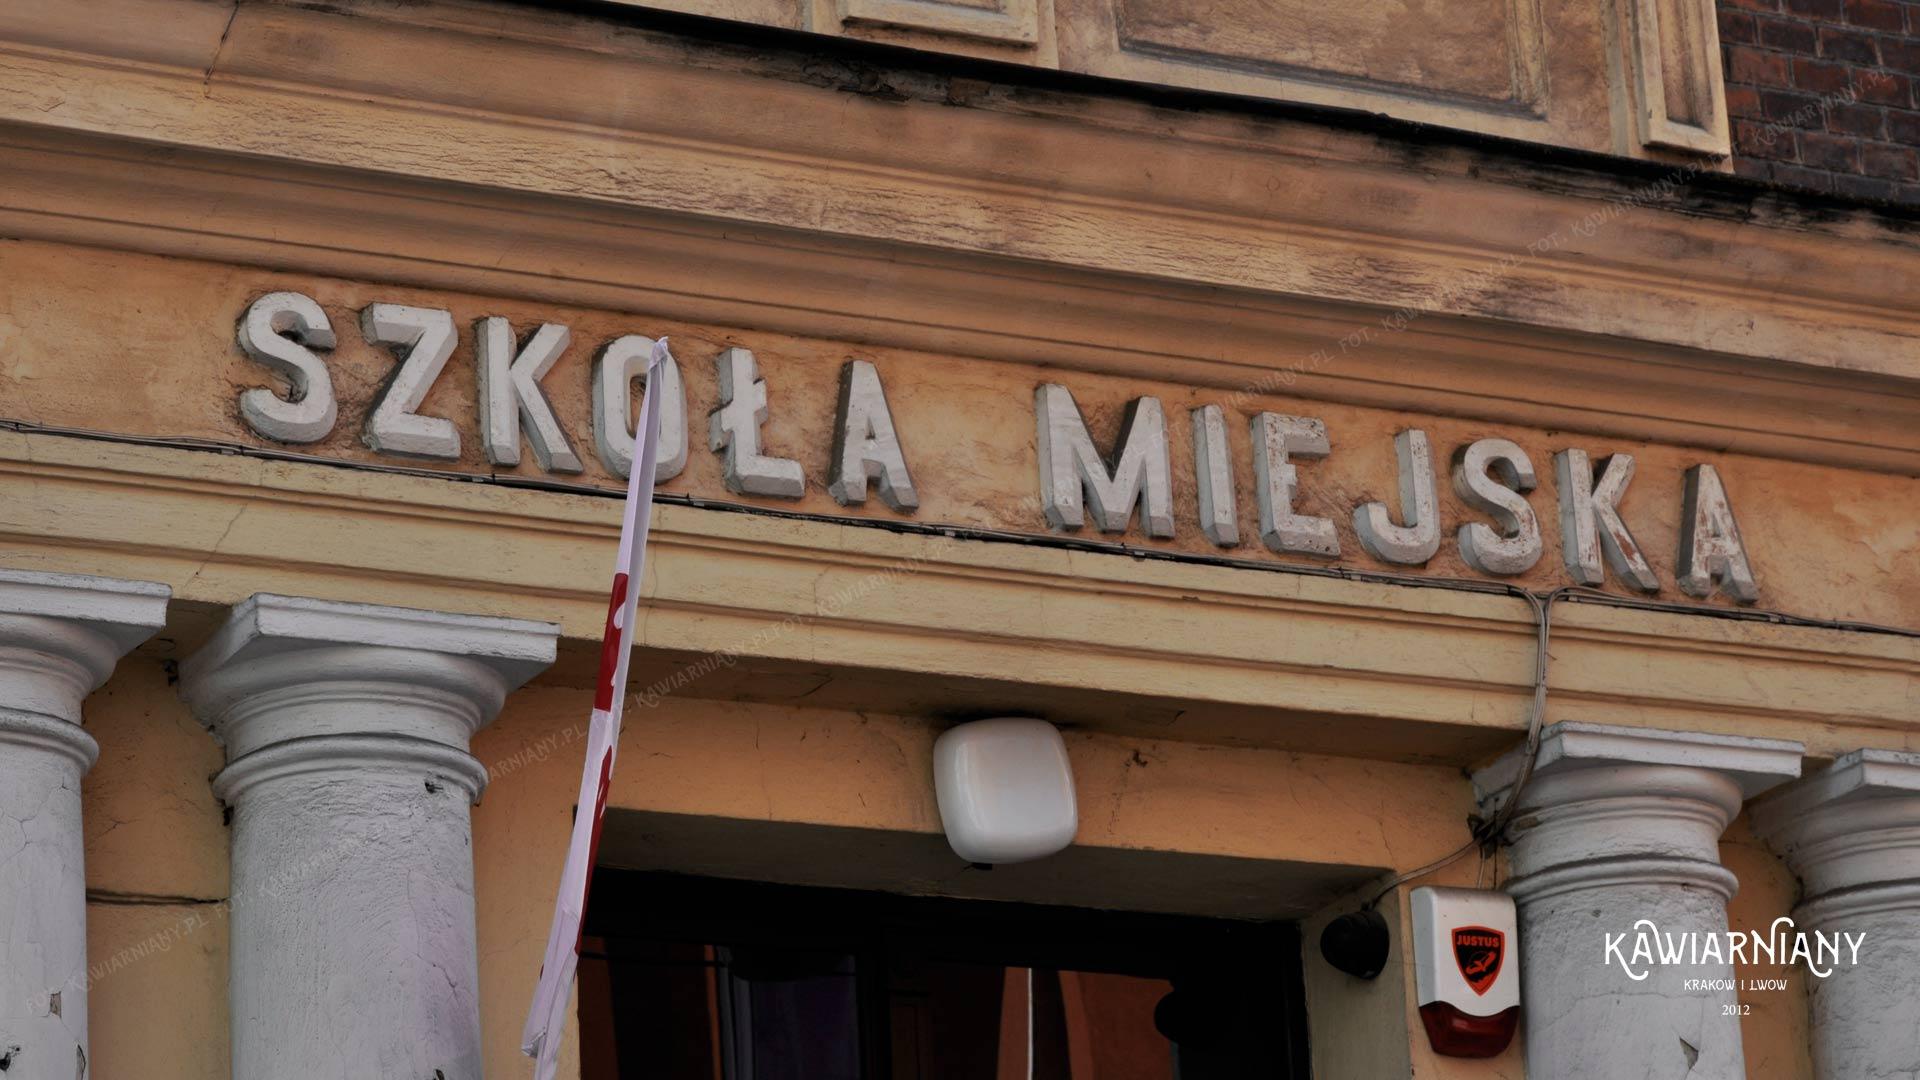 Szkoła miejska, Podgórze